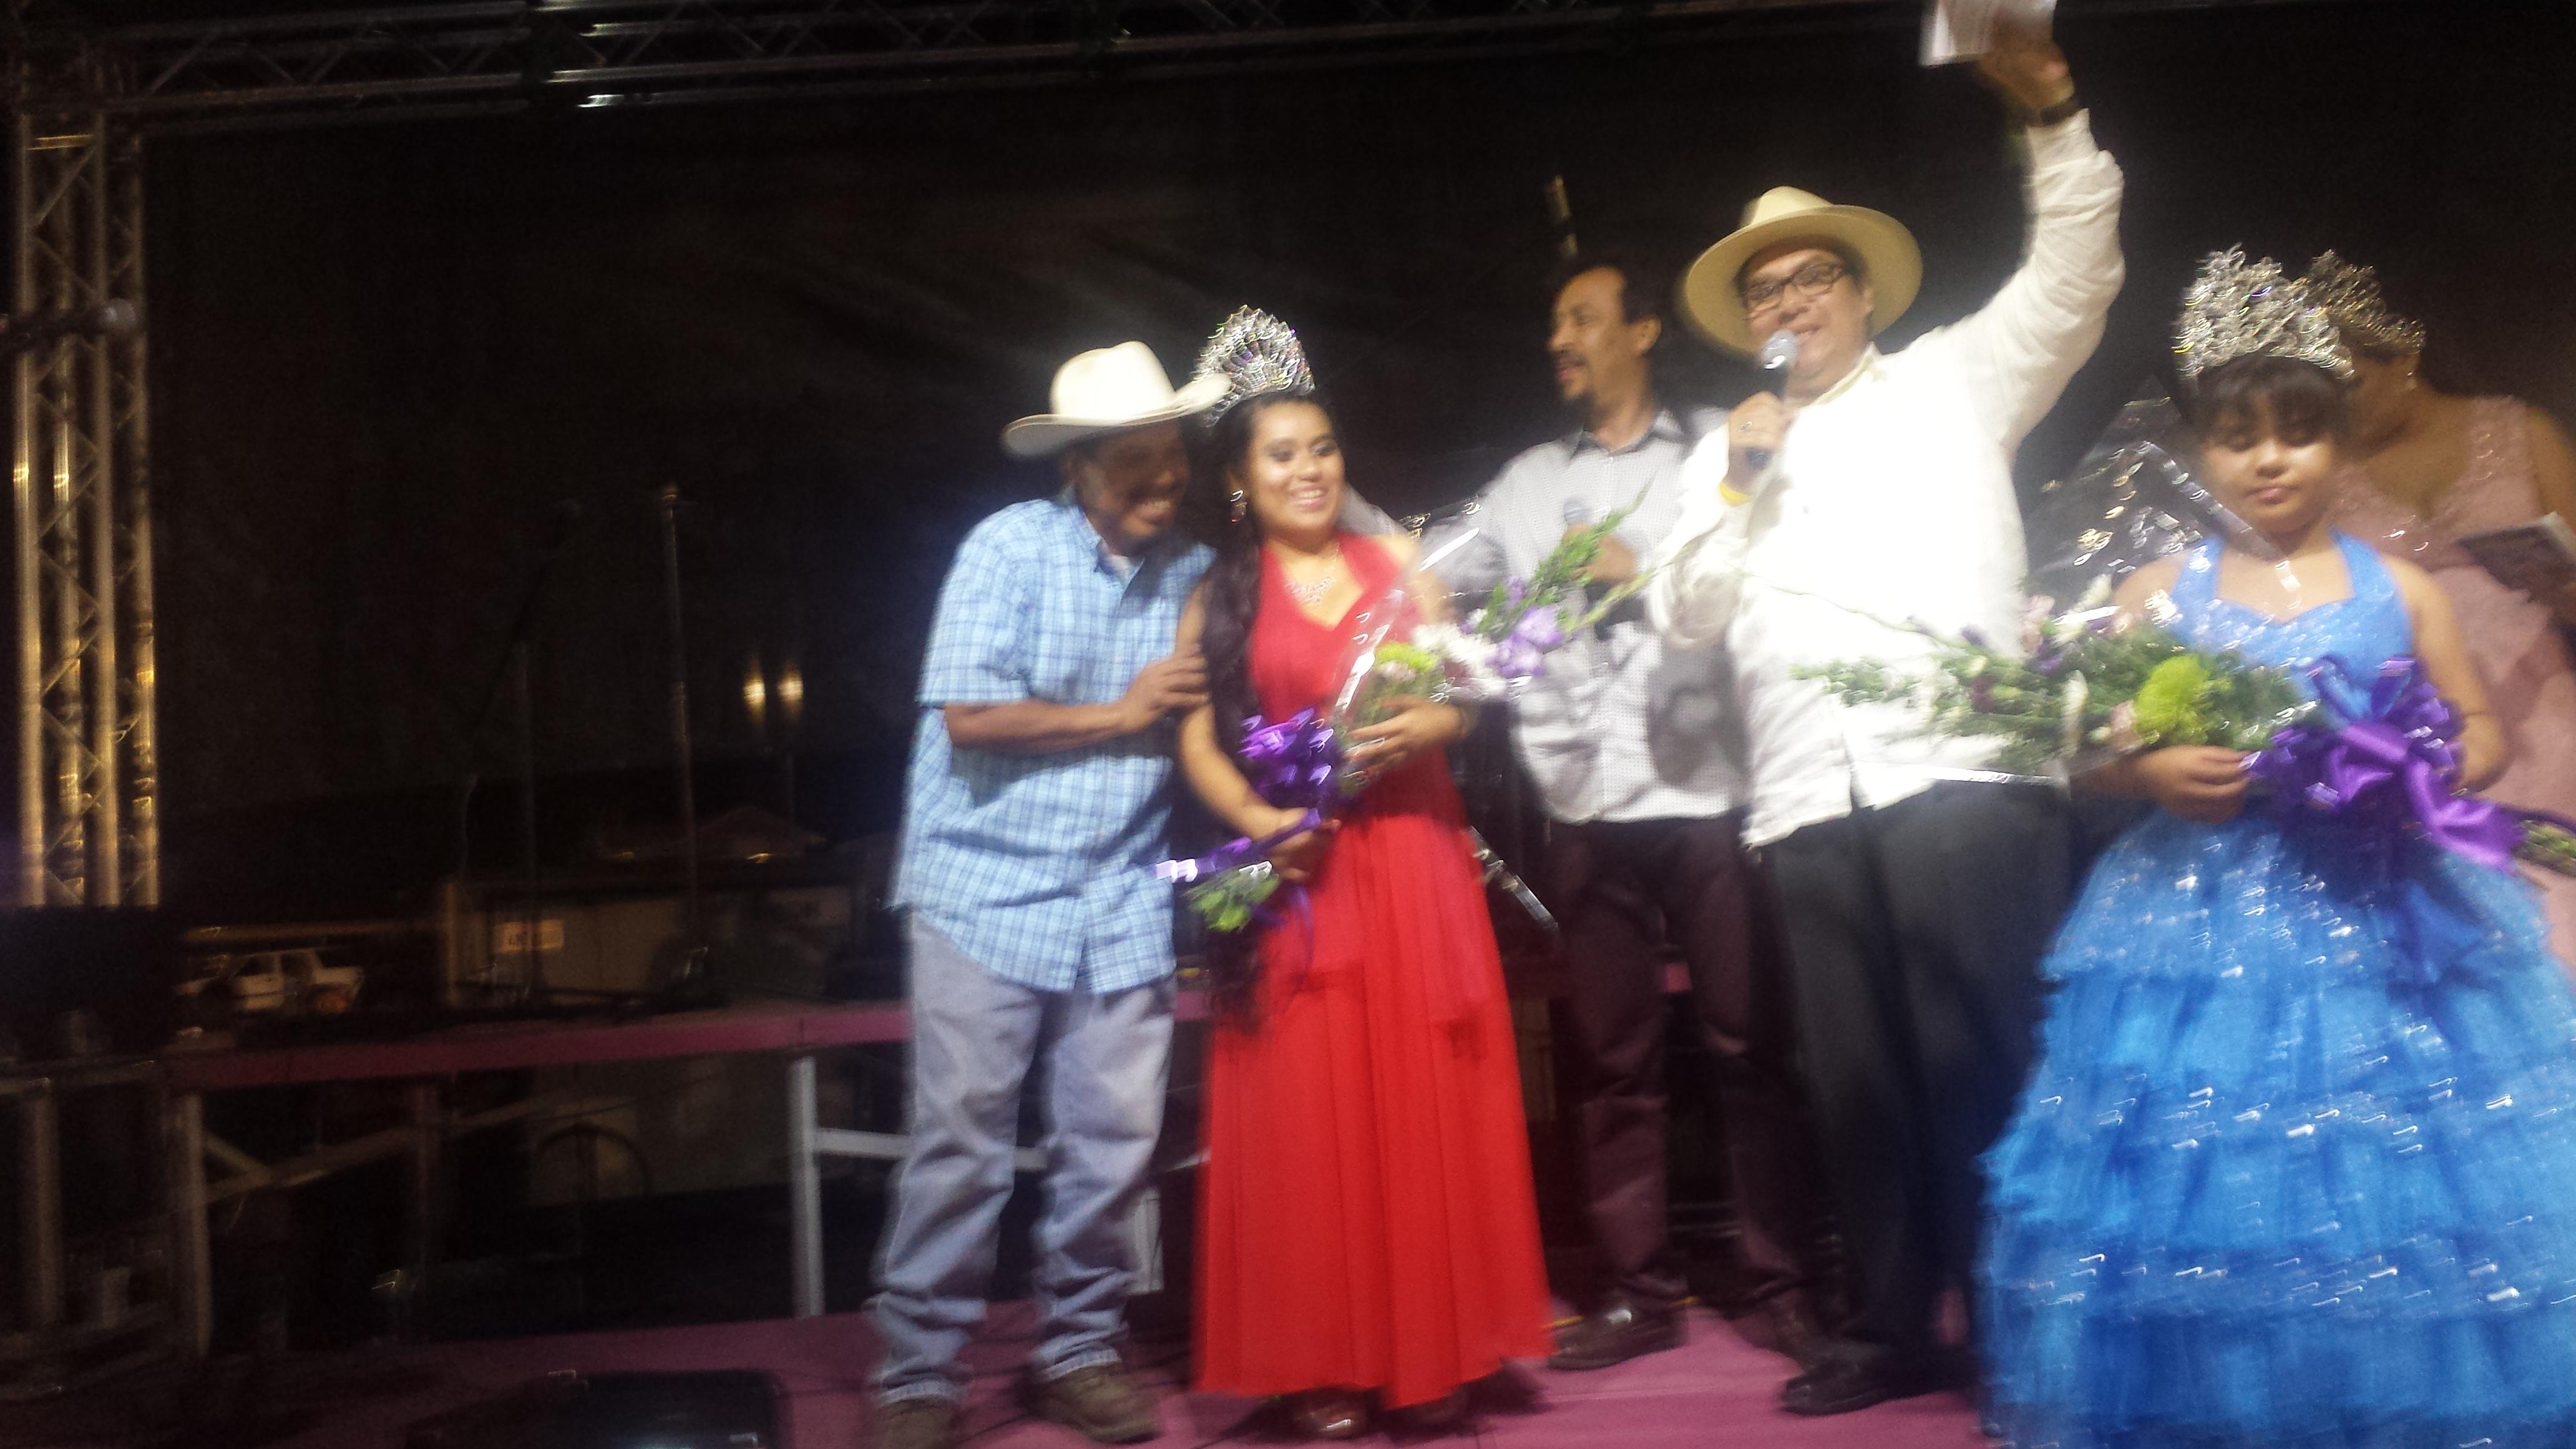 Coronación de Griselda como Reina de la Uva 2016, junto a su orgulloso padre y líder purépecha, Meregildo Ortiz. Foto: Rubén Tapia.